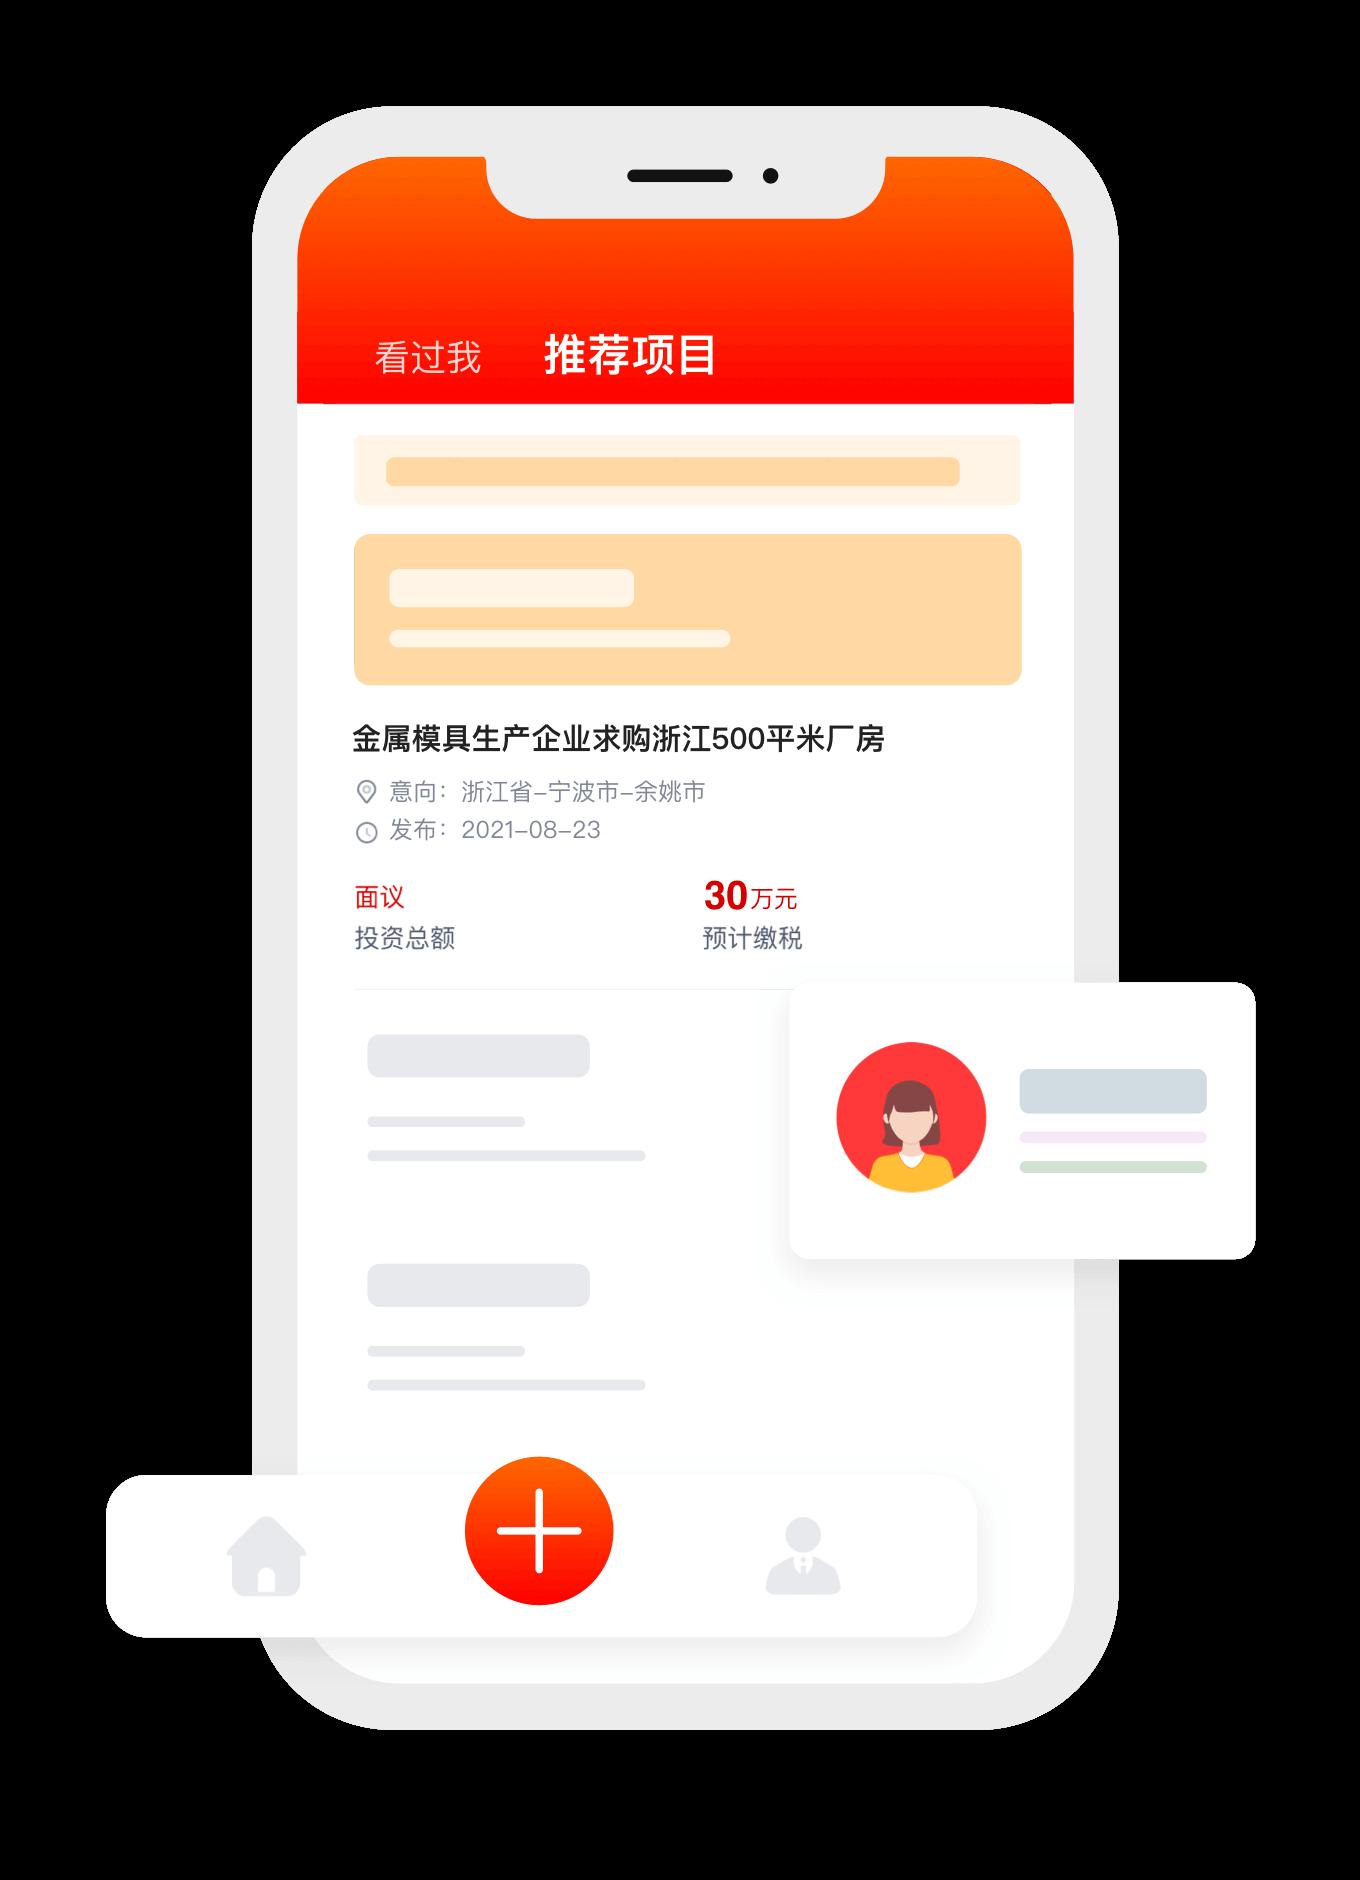 新技术加持获取客户信息